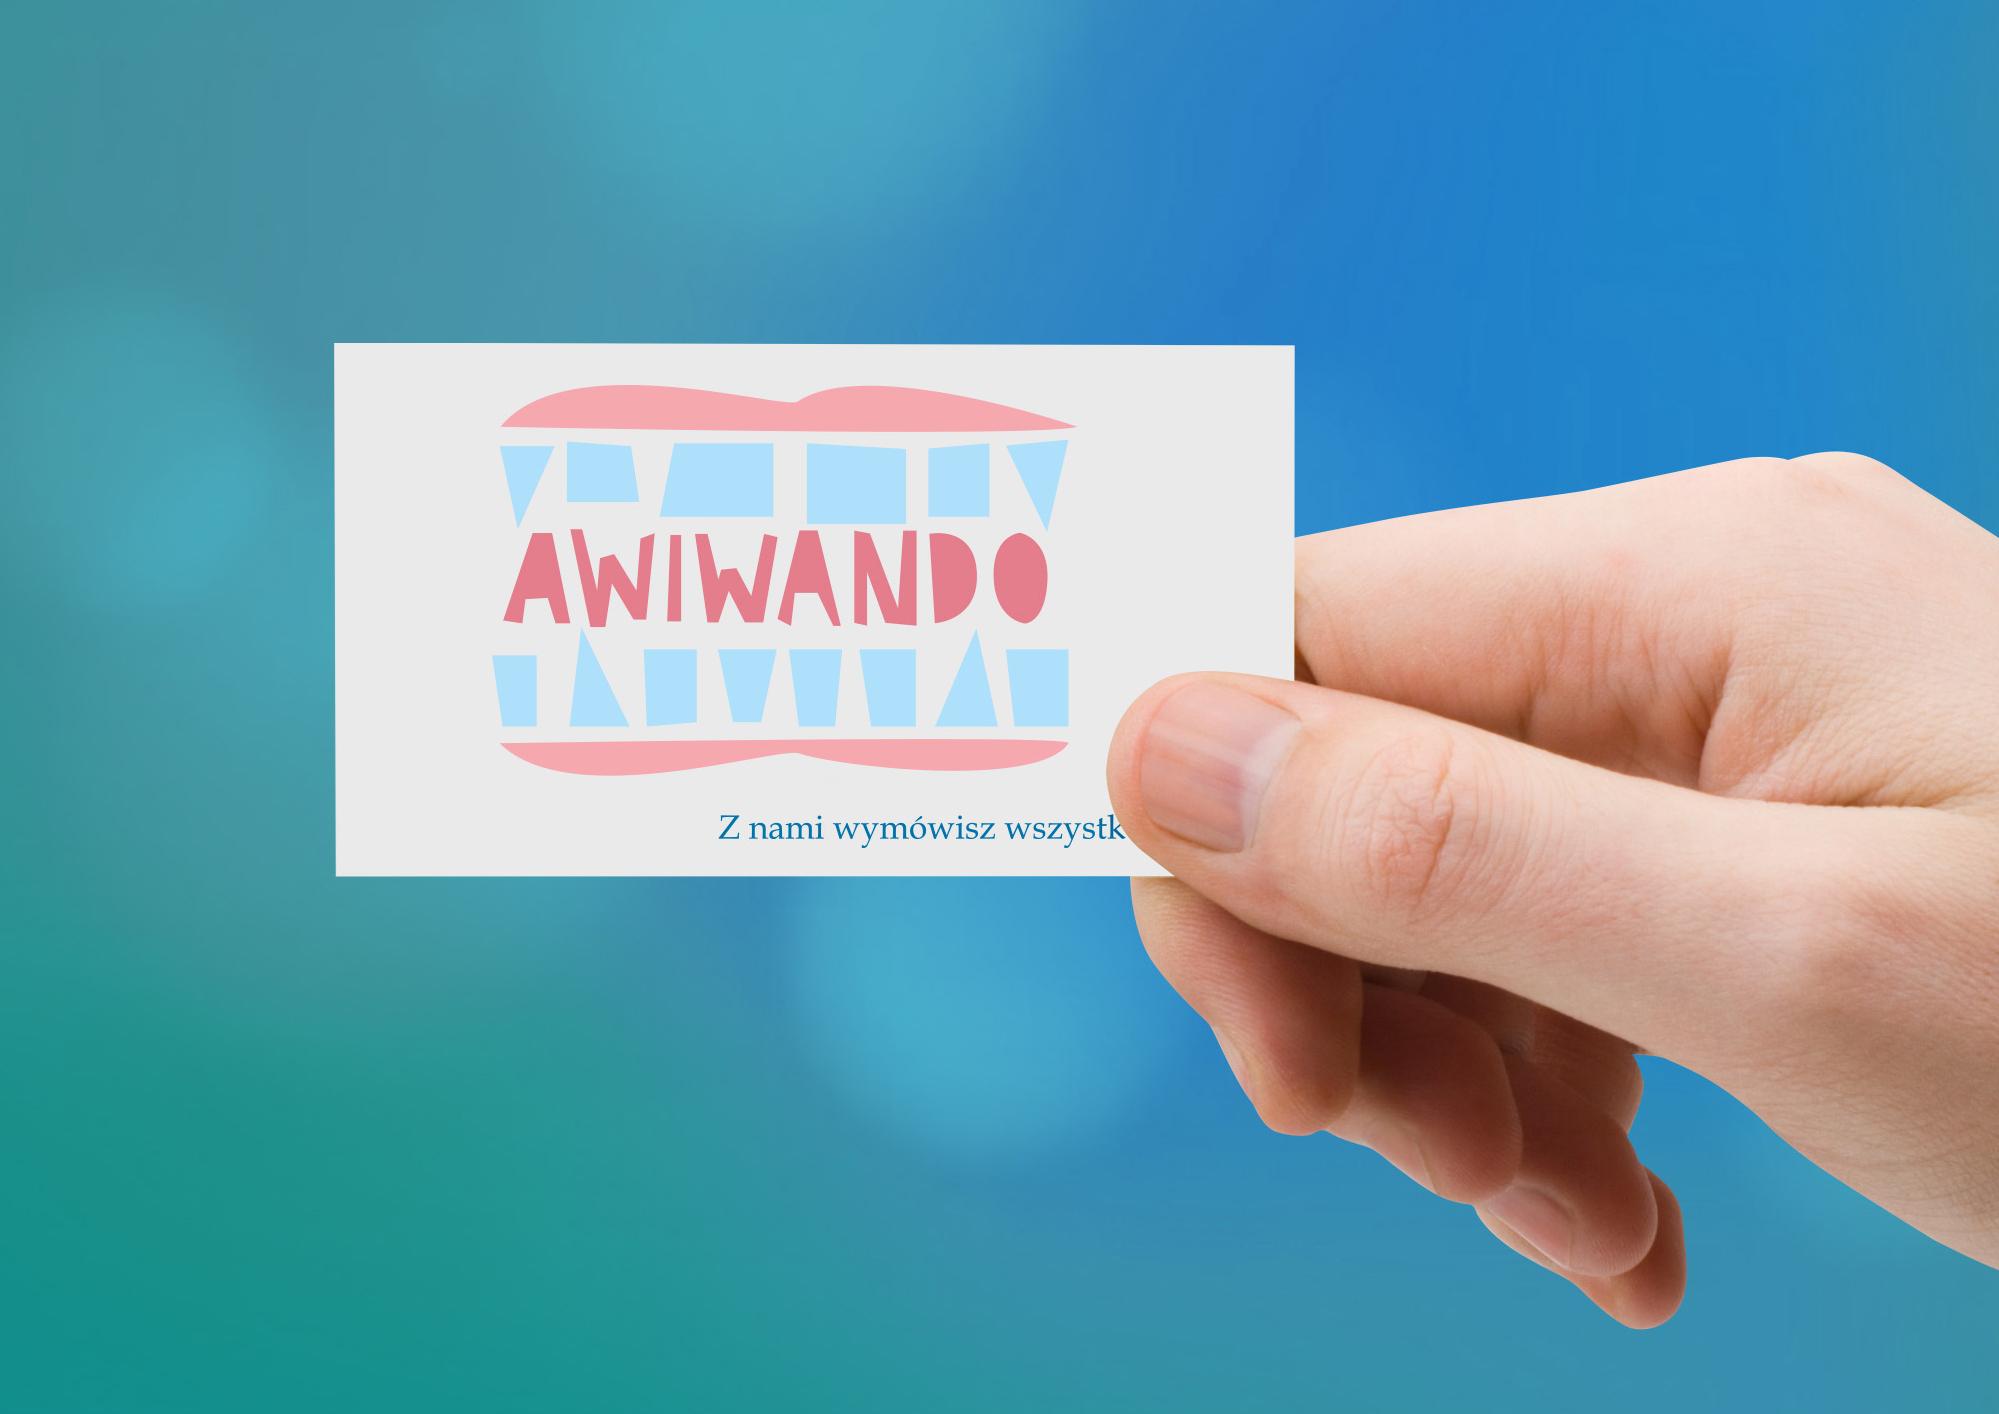 Awiwando - identyfikacja wizualna